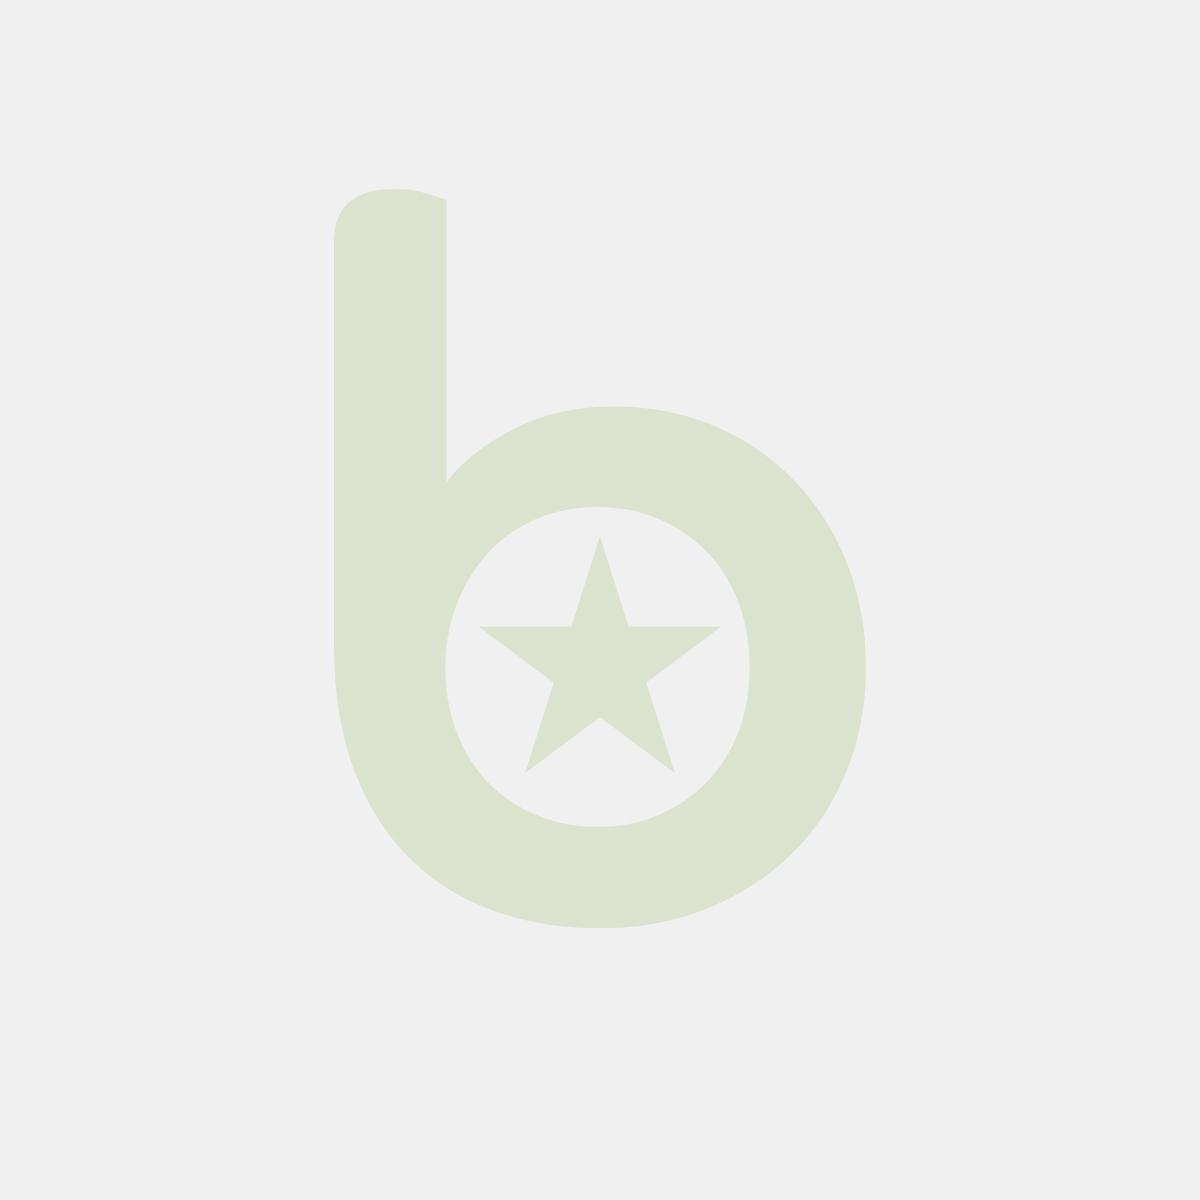 Flipchart mobilny Nobo Classic (Piranha), 70x100cm, tablica suchoś. -magn., z wyciąganymi ramionami